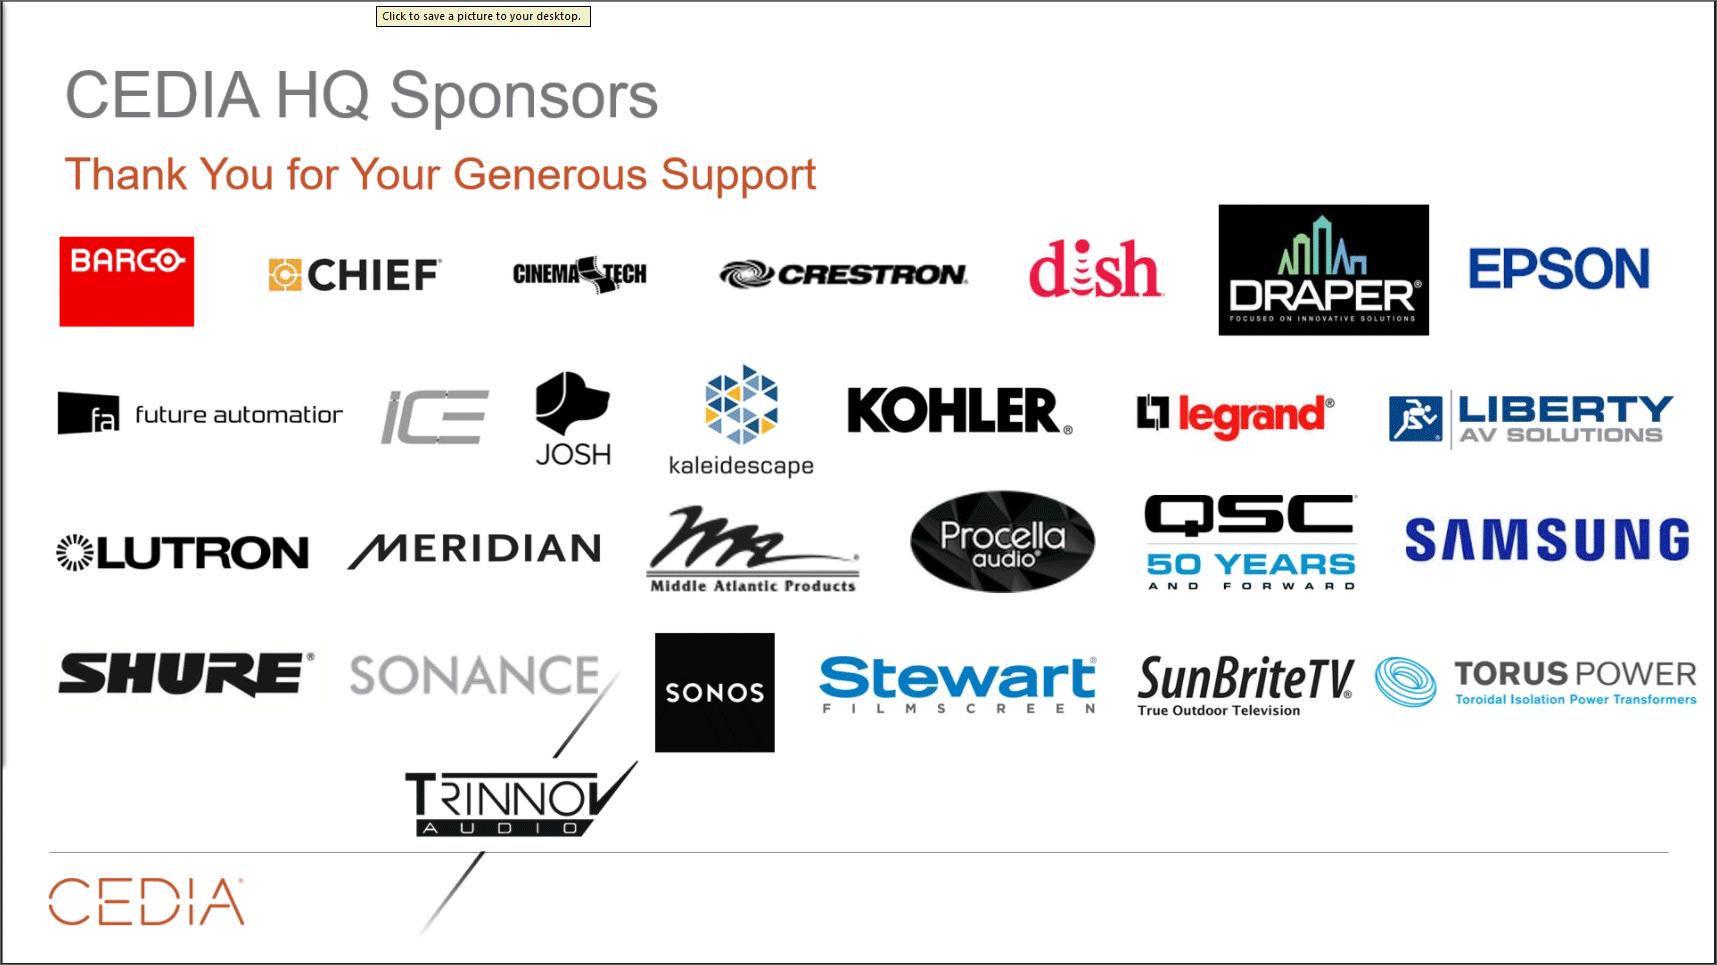 CEDIA HQ sponsors